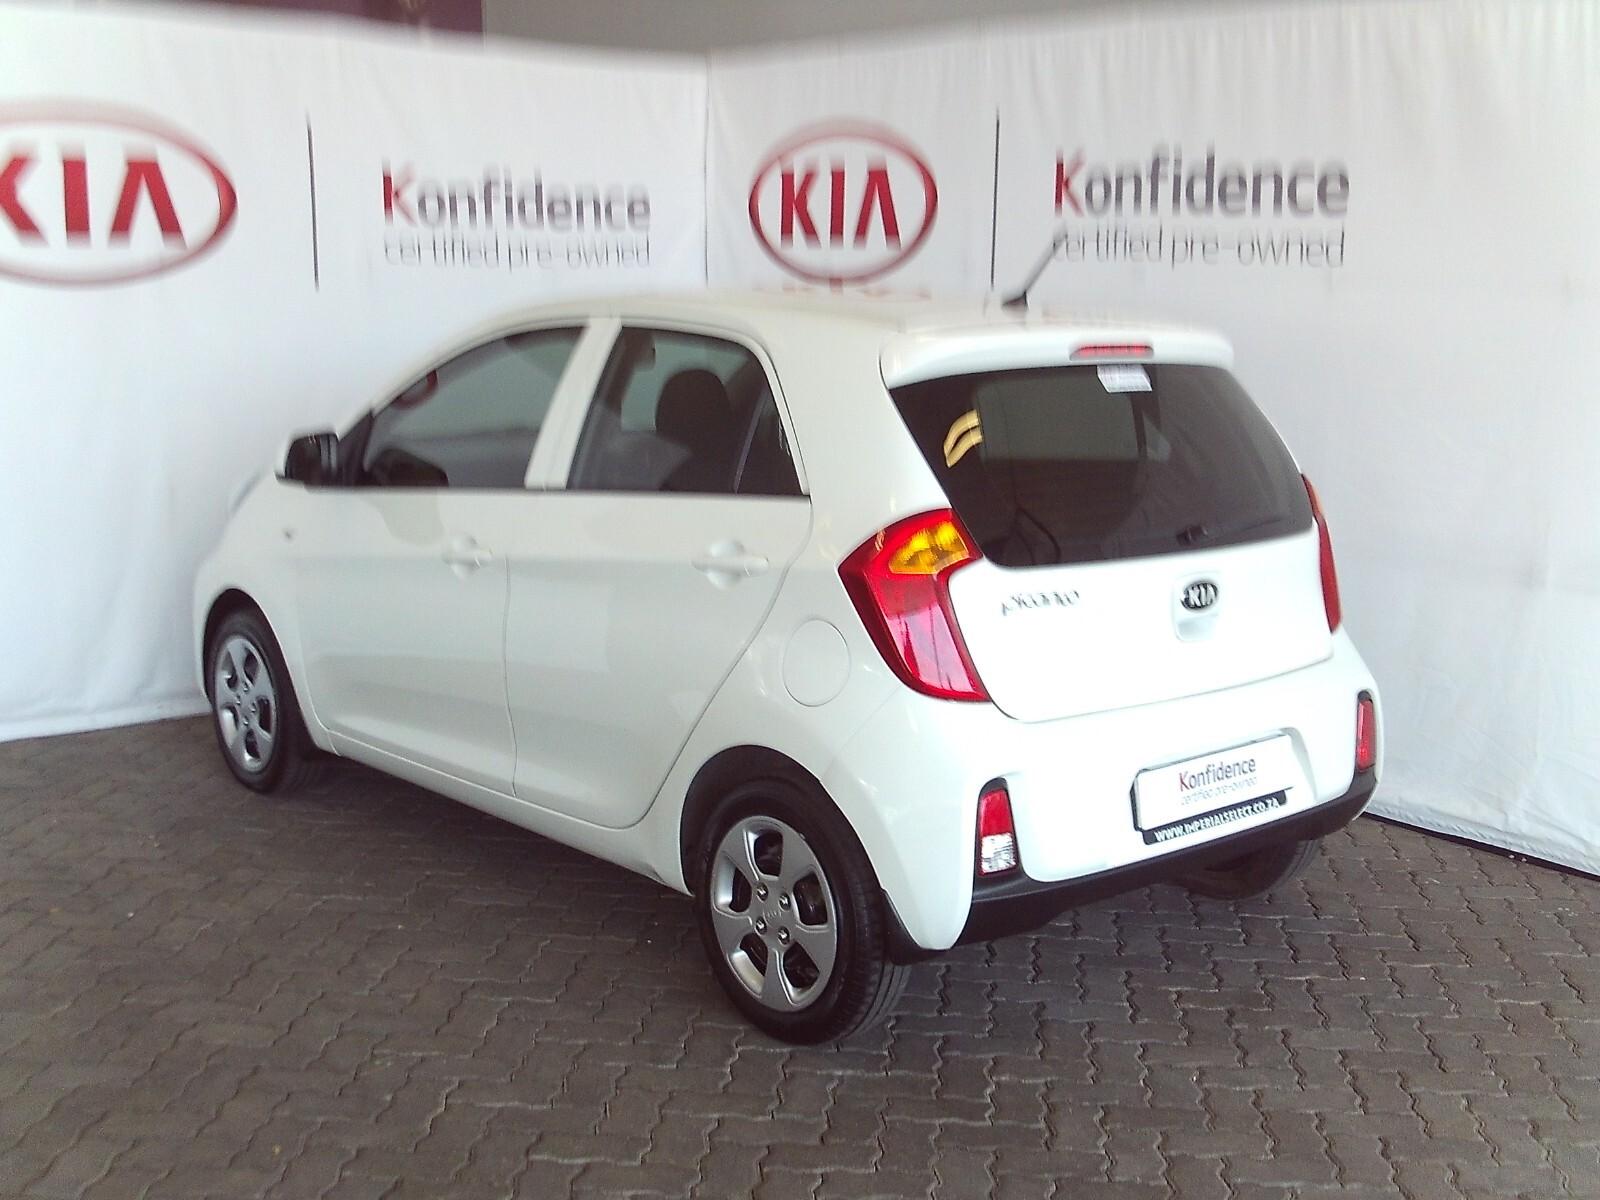 KIA 1.0 LX Pretoria 3332305